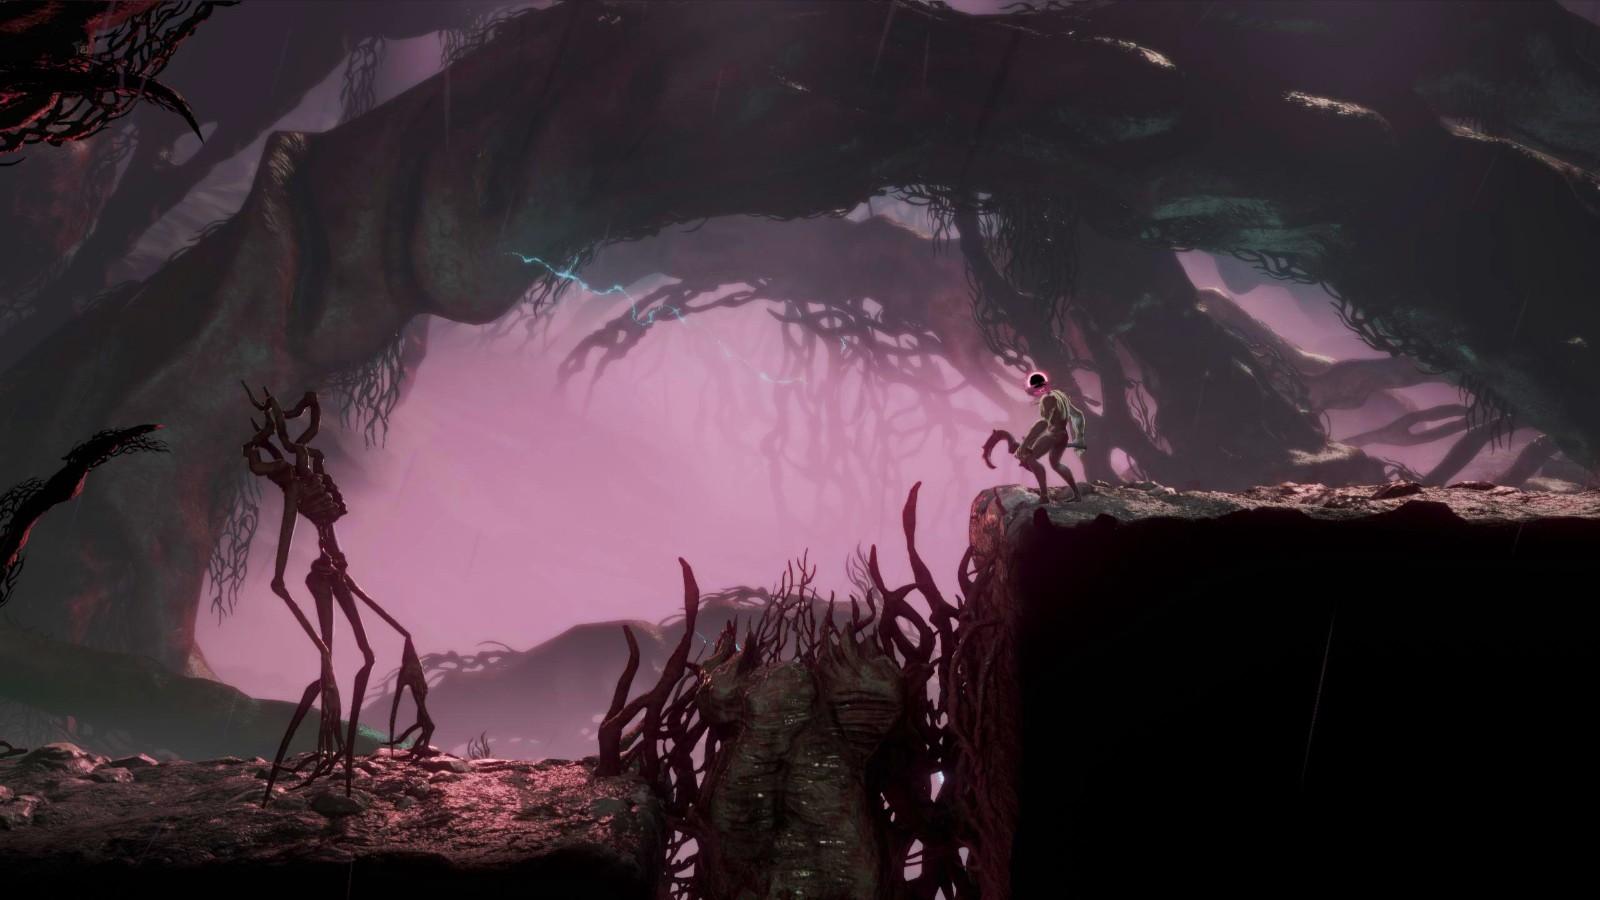 奇幻系横版动作新游《尘埃异变》公开 8月2日Steam解锁发行